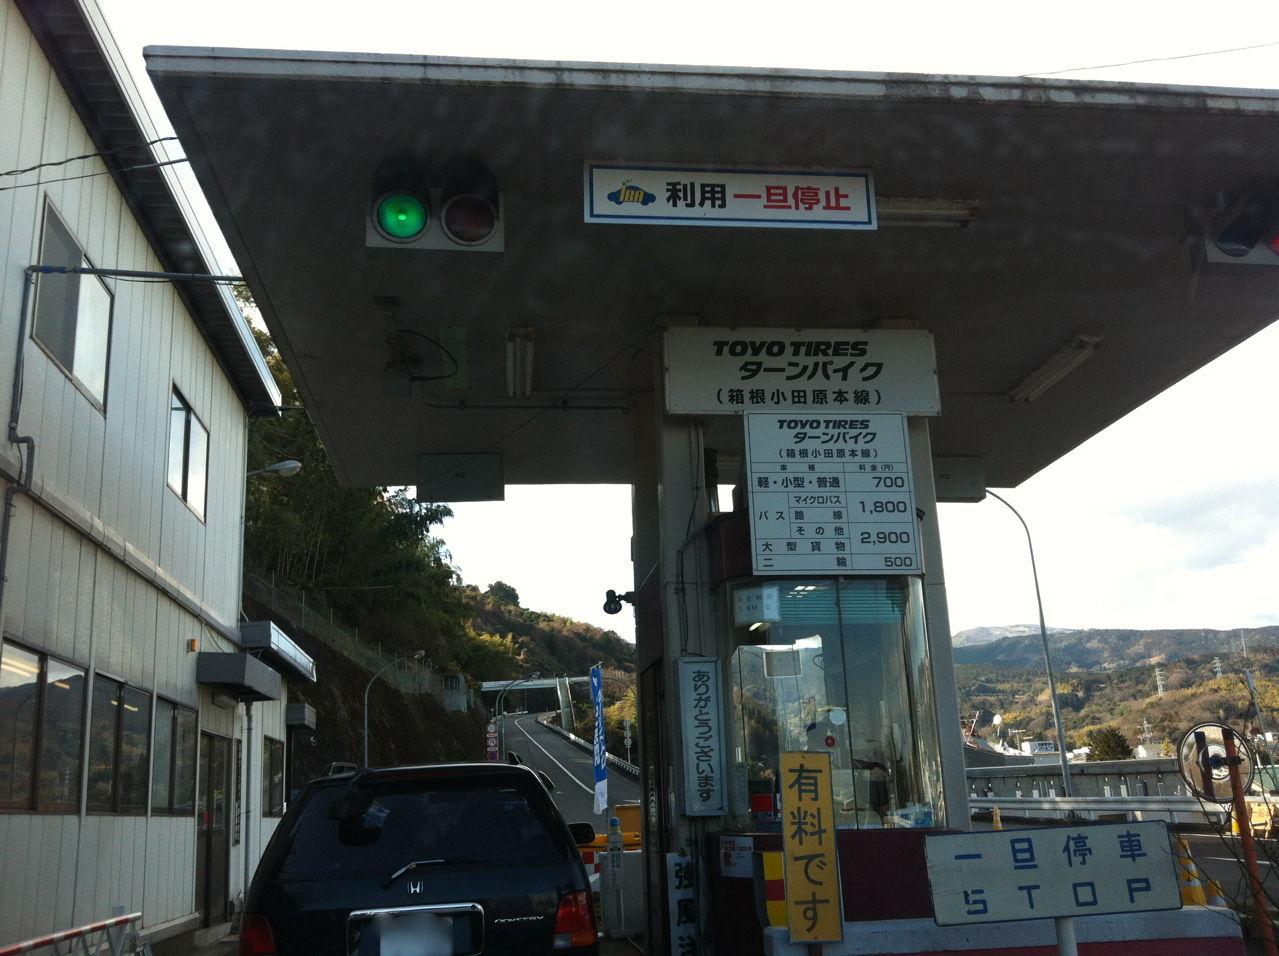 箱根ターンパイク(TOYO TIRESターンパイク)